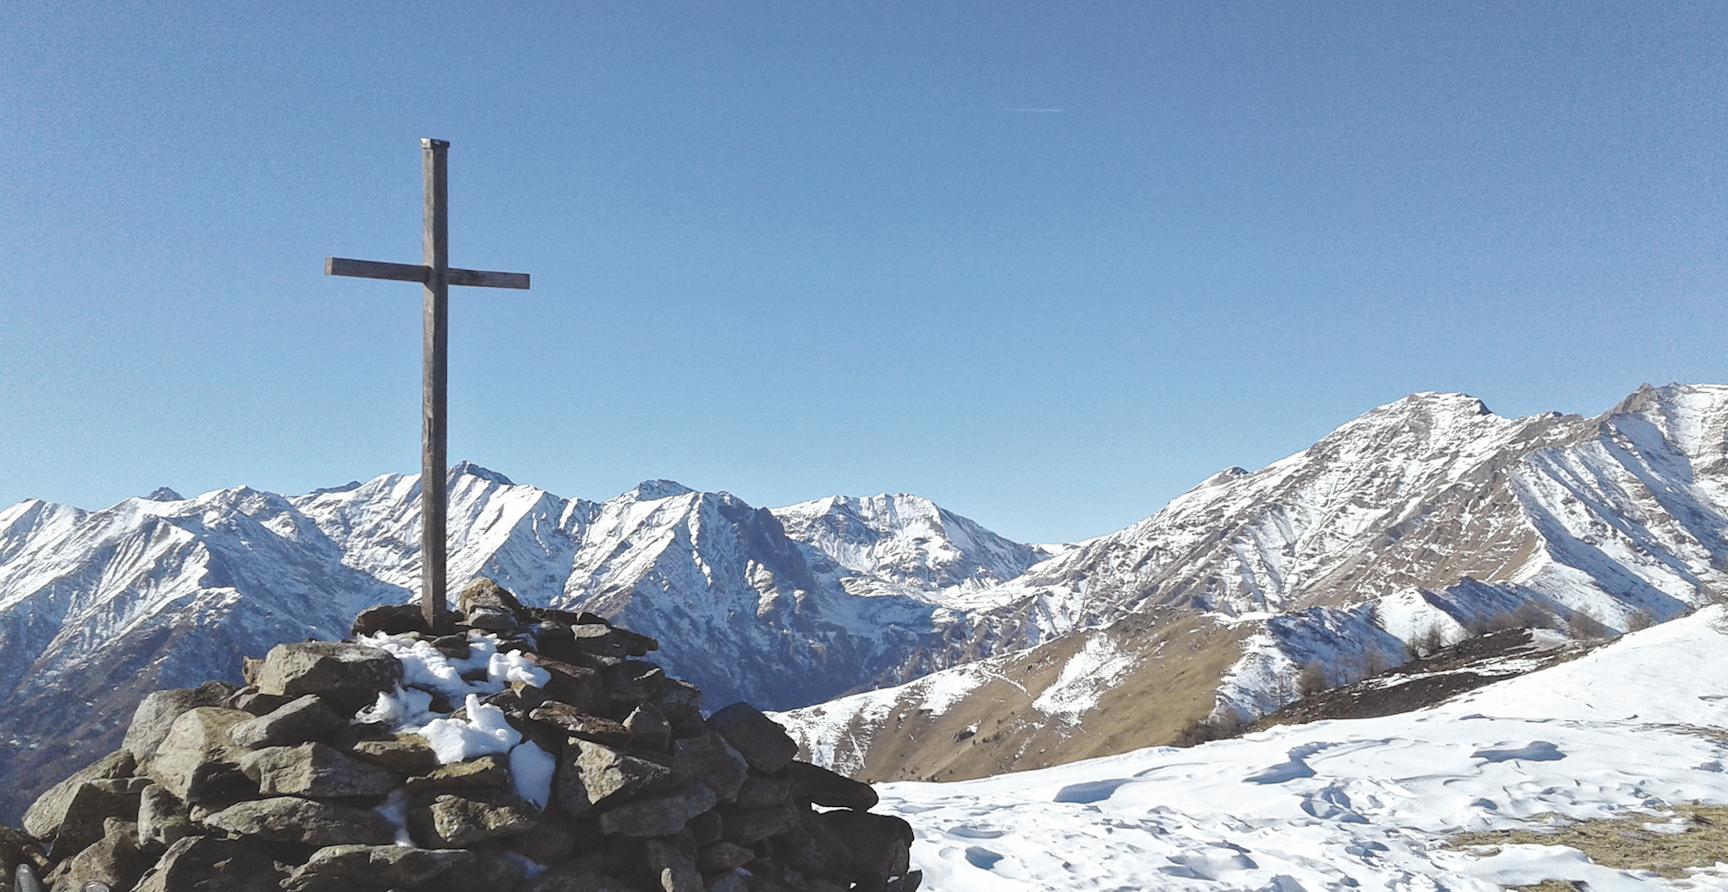 La Guida - Punta Muret, Monte Dubasso, anello di Capo San Donato, Sacro Monte di Belmonte, escursione in valle Roya